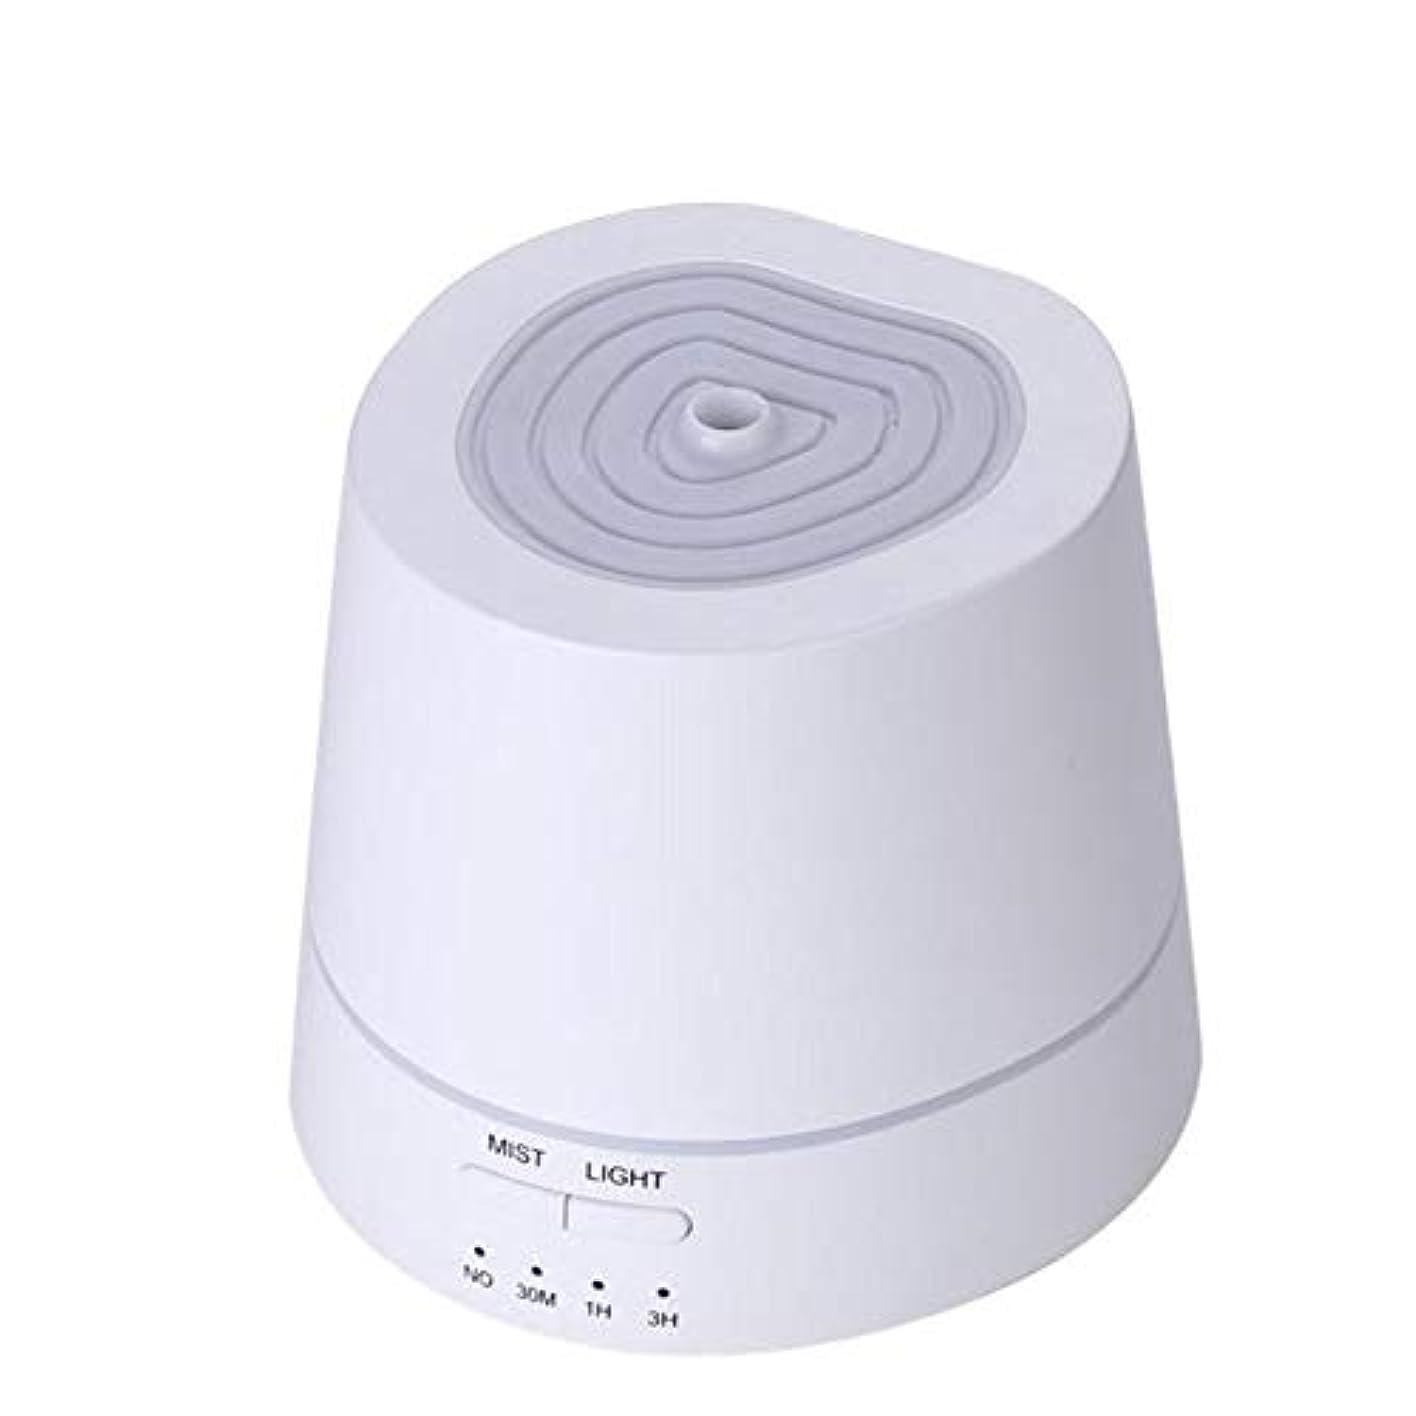 交換出血に渡ってアロマディフューザー 卓上加湿器 超音波式 150ml 小容量 USB充電式 7色LEDライト付き 間接照明 時間設定機能 部屋、会社、ヨガなど場所適用 Styleshow